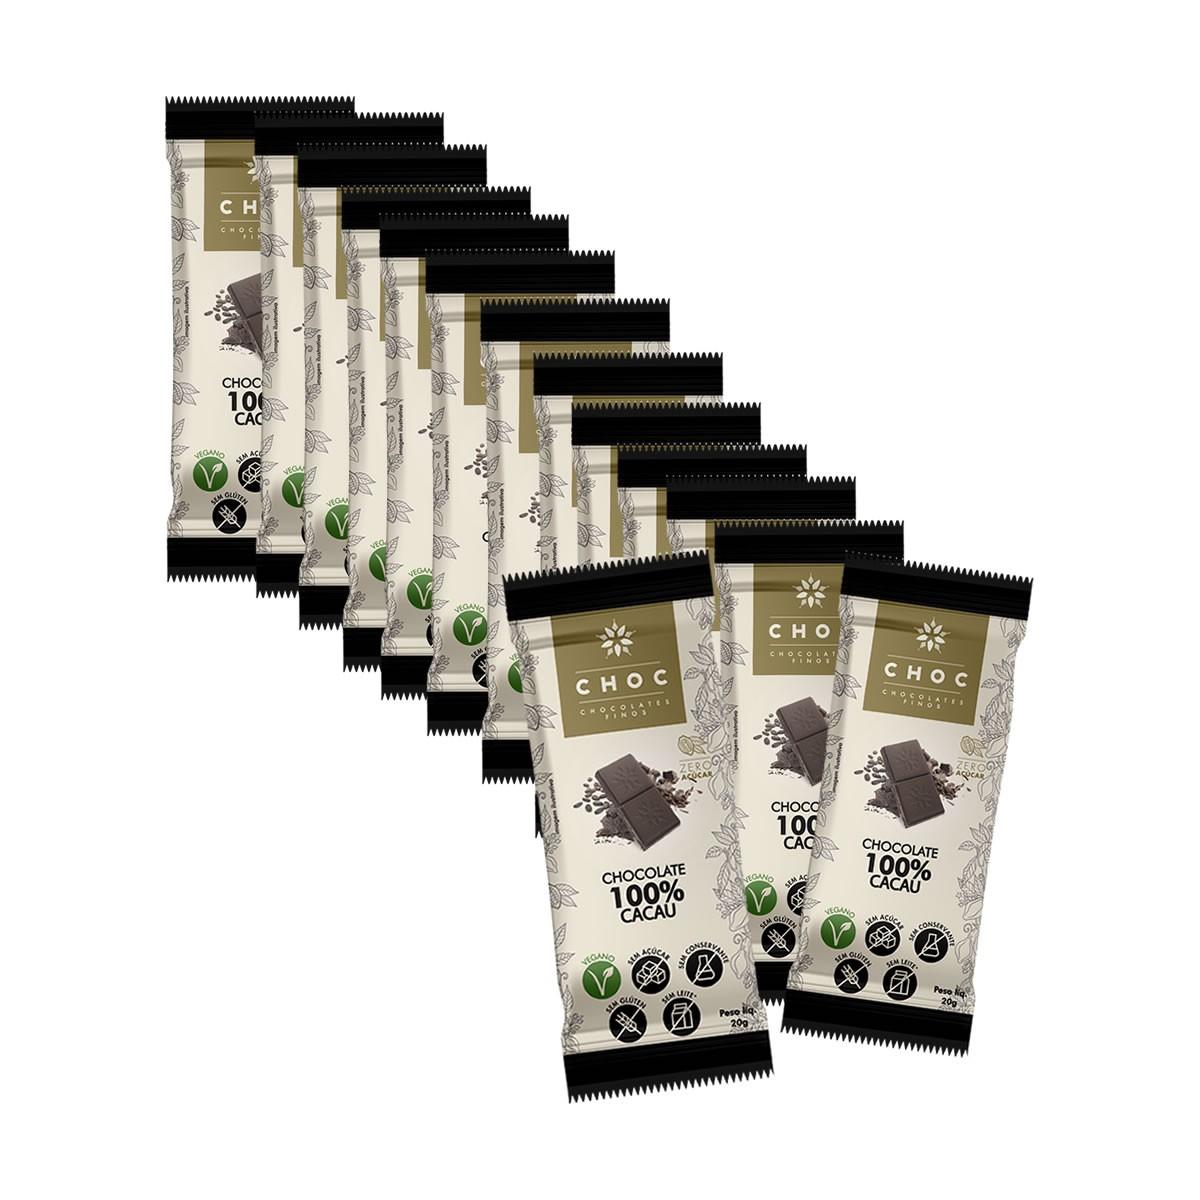 Chocolate Zero 100% Cacau display com 14un de 20g - Choc